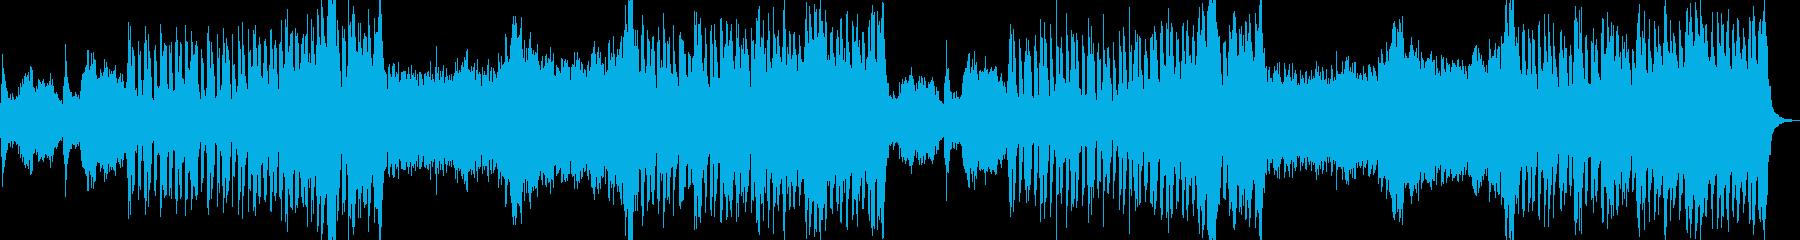 緊迫したオーケストラの再生済みの波形